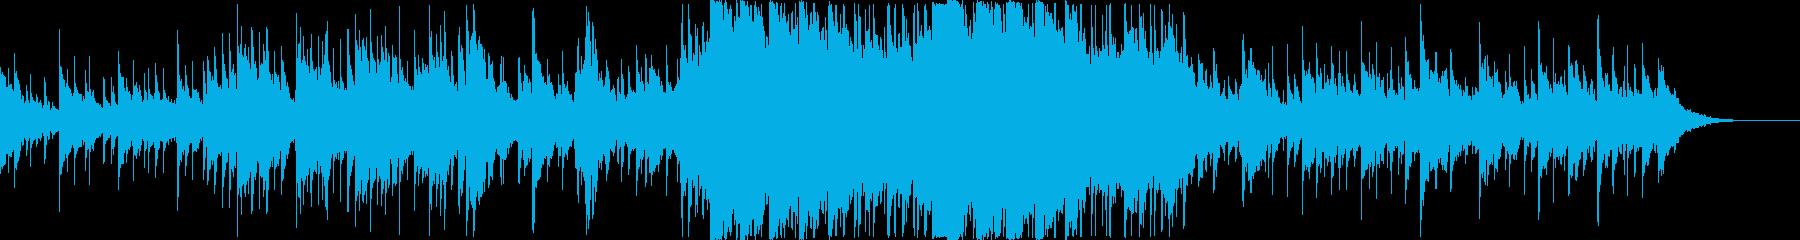 雨をイメージしたBGM・和テイストの再生済みの波形